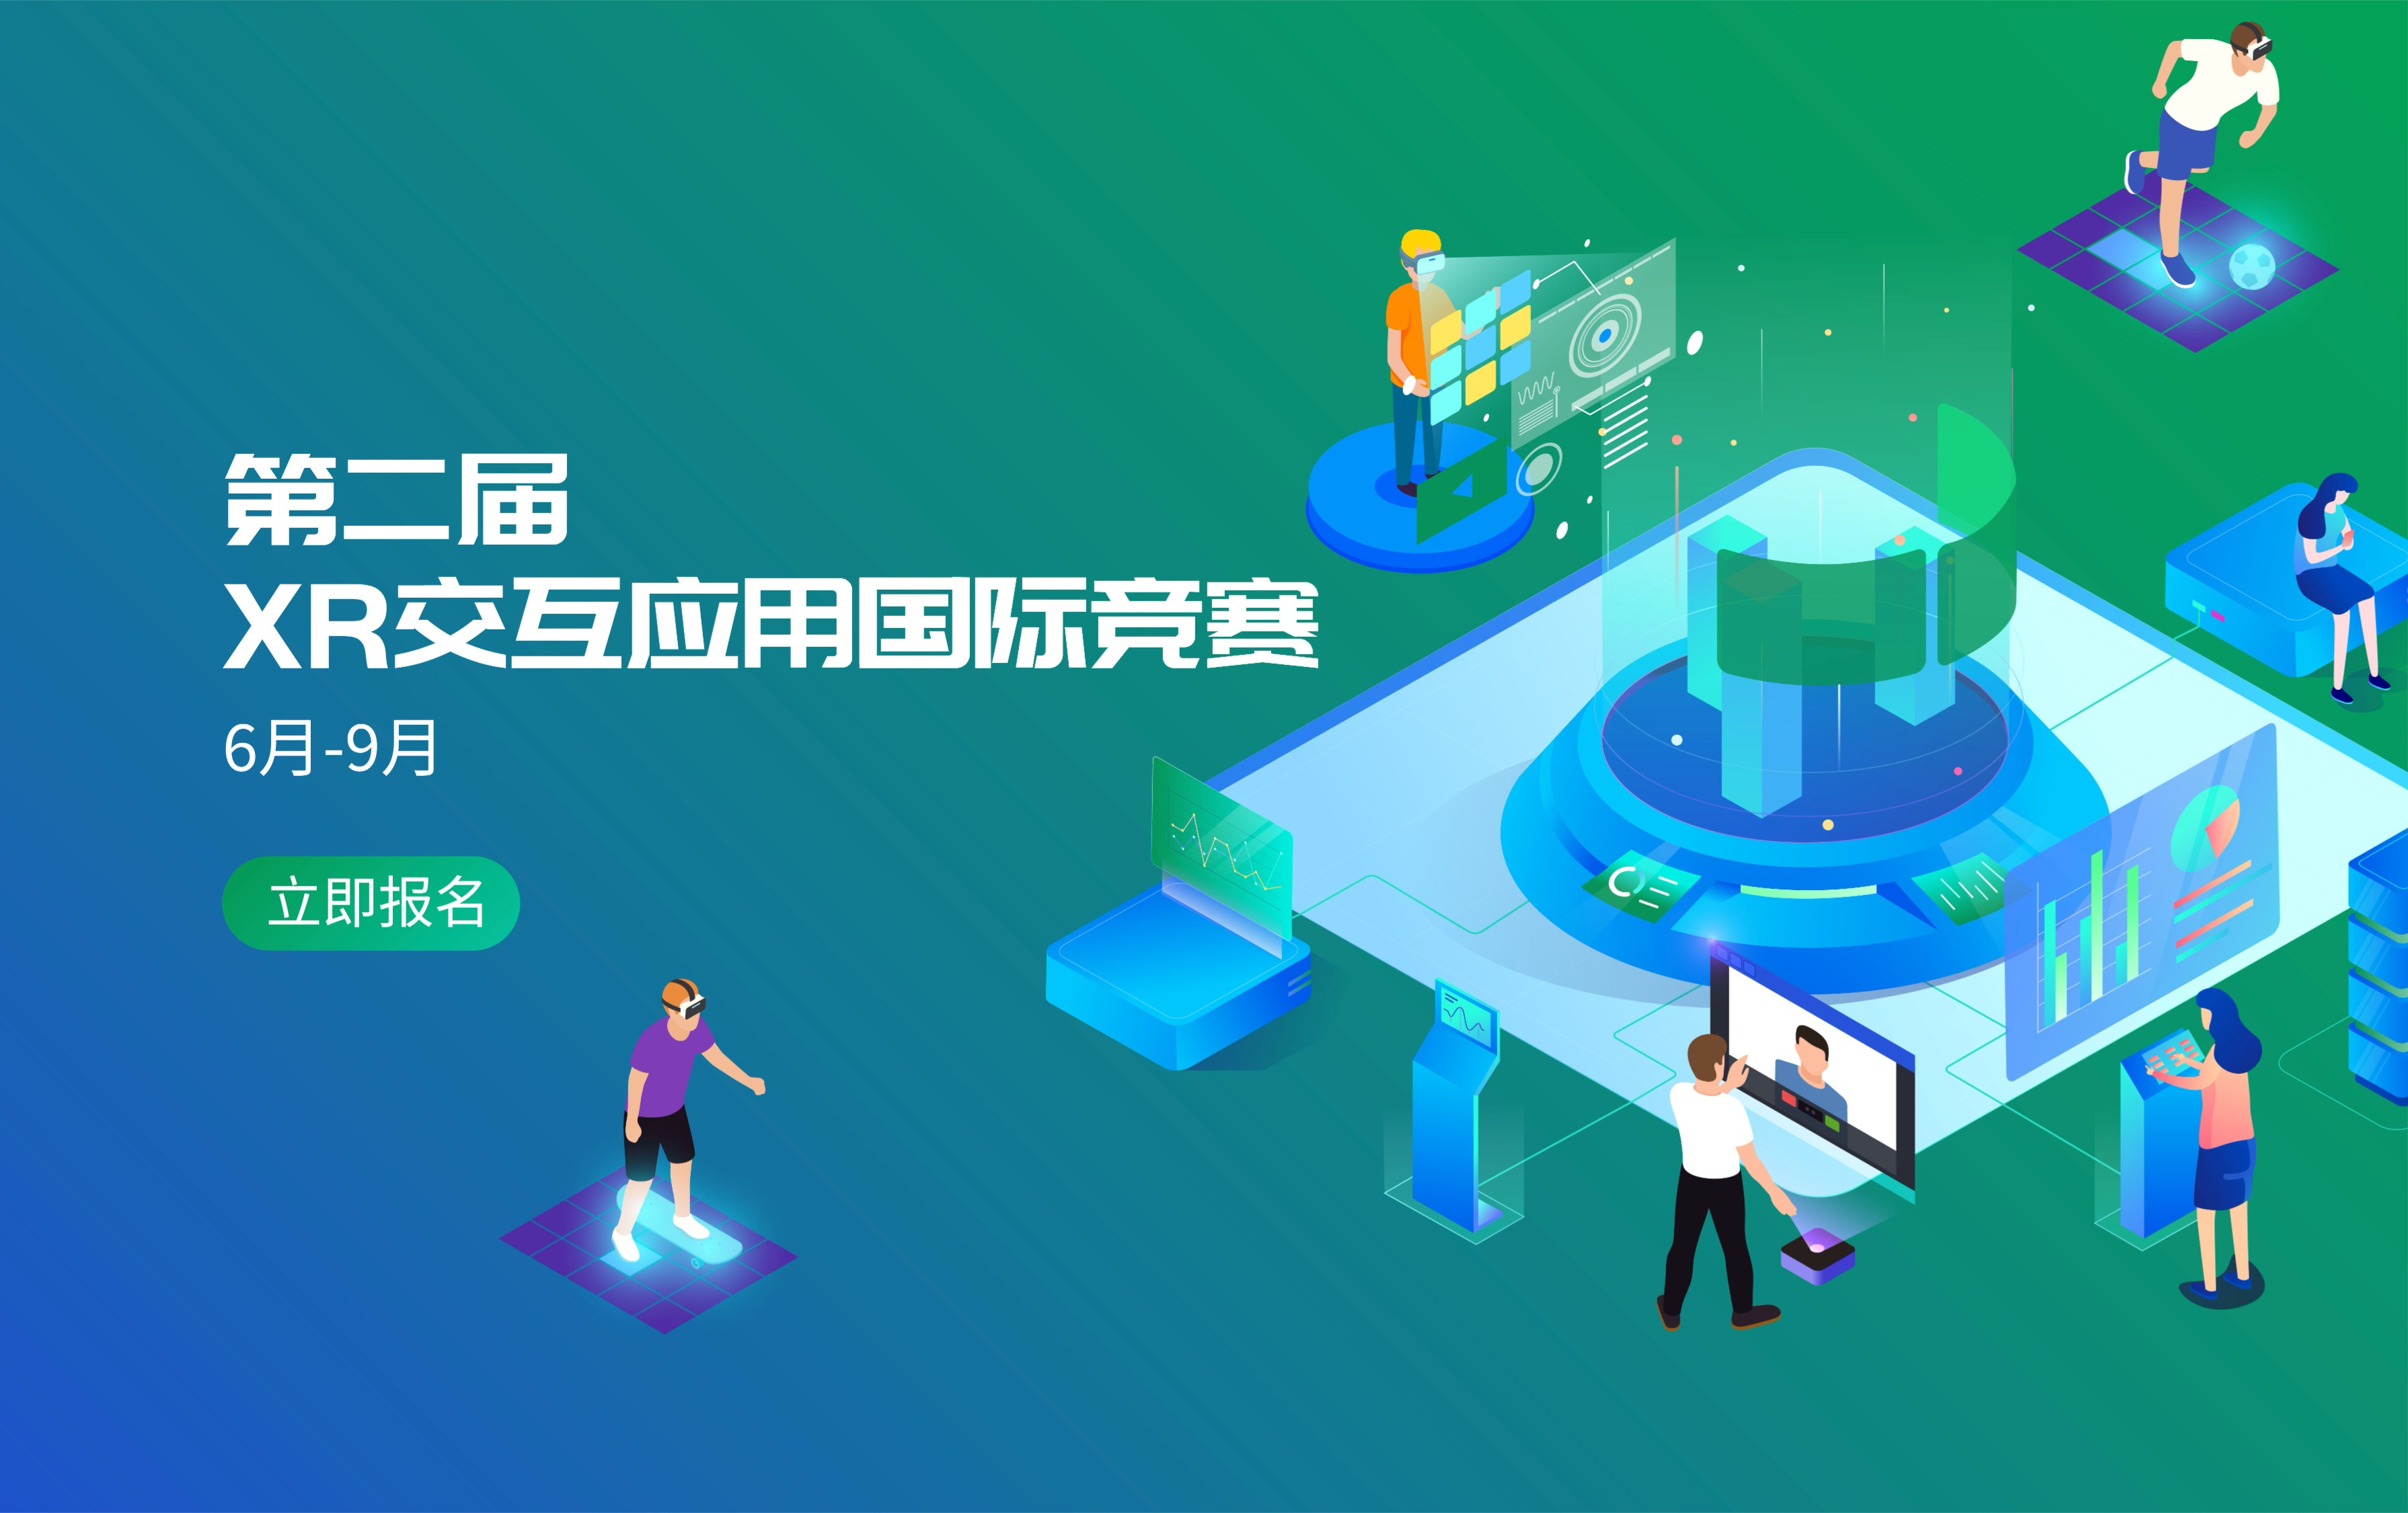 """2021年""""第二届XR交互应用国际竞赛""""正式启动"""